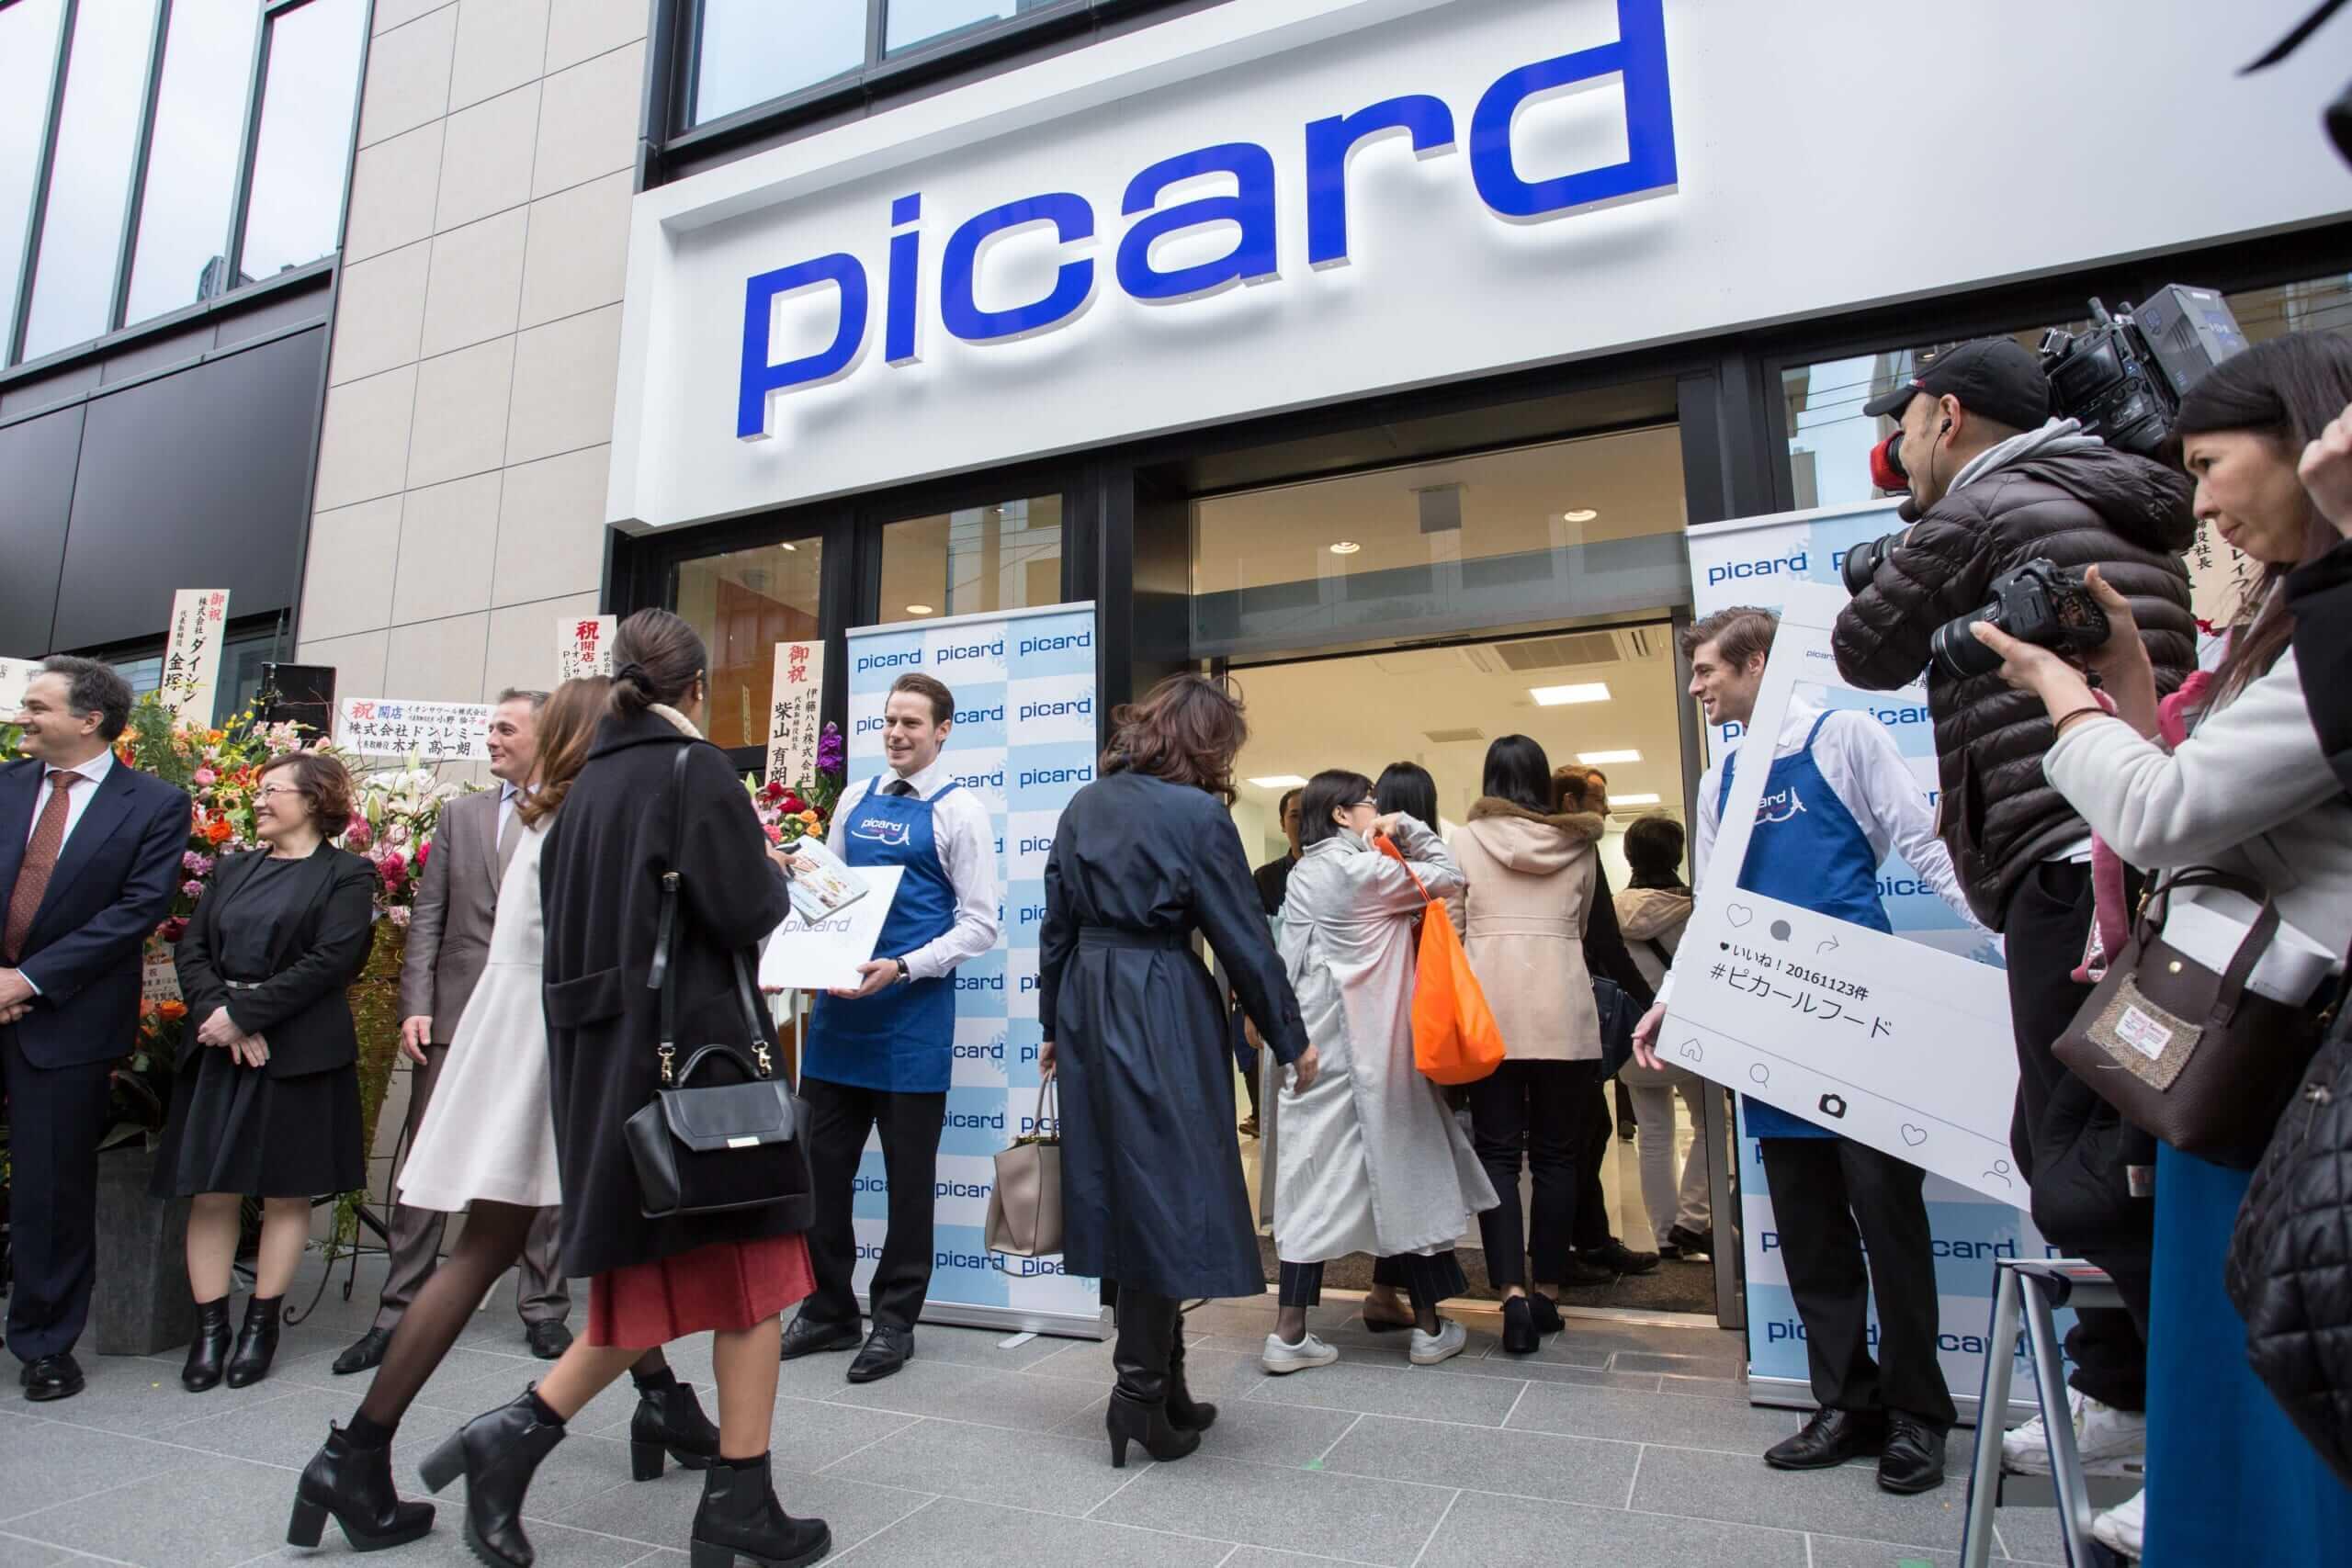 【ブランド認知400%UP・看板商品の売上170%増】冷凍食品専門店「Picard」PRマーケティング